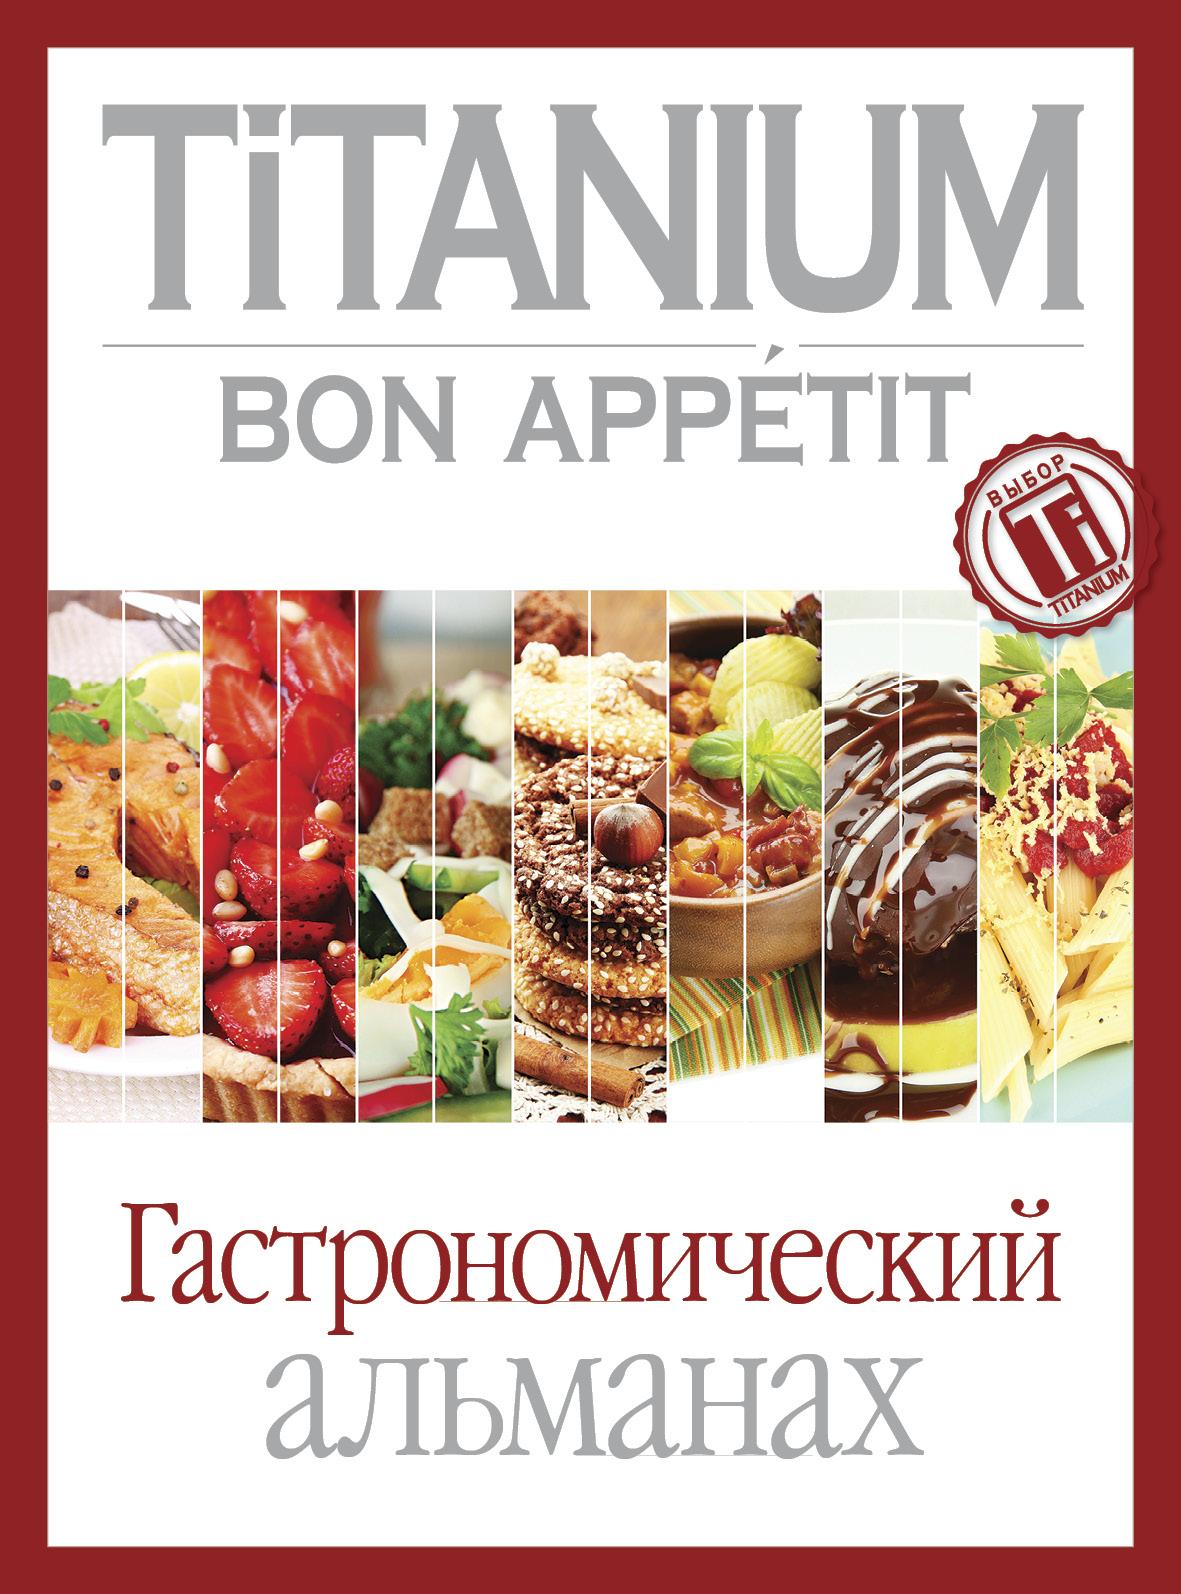 Titanium_cover_guide_42